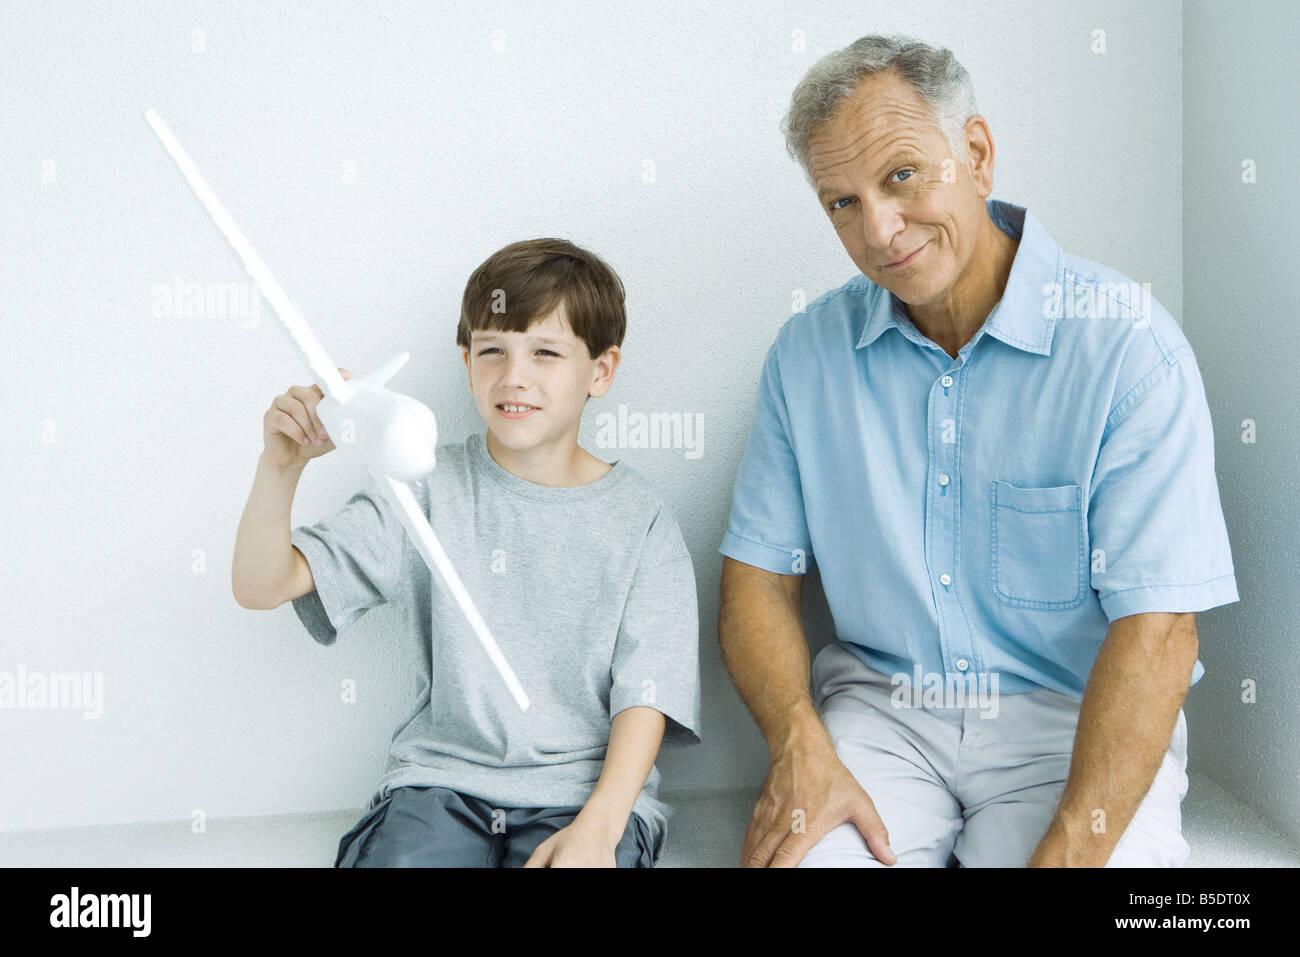 Großvater mit Enkel, lächelnd, als Enkel mit Spielzeugflugzeug spielt sitzen Stockbild